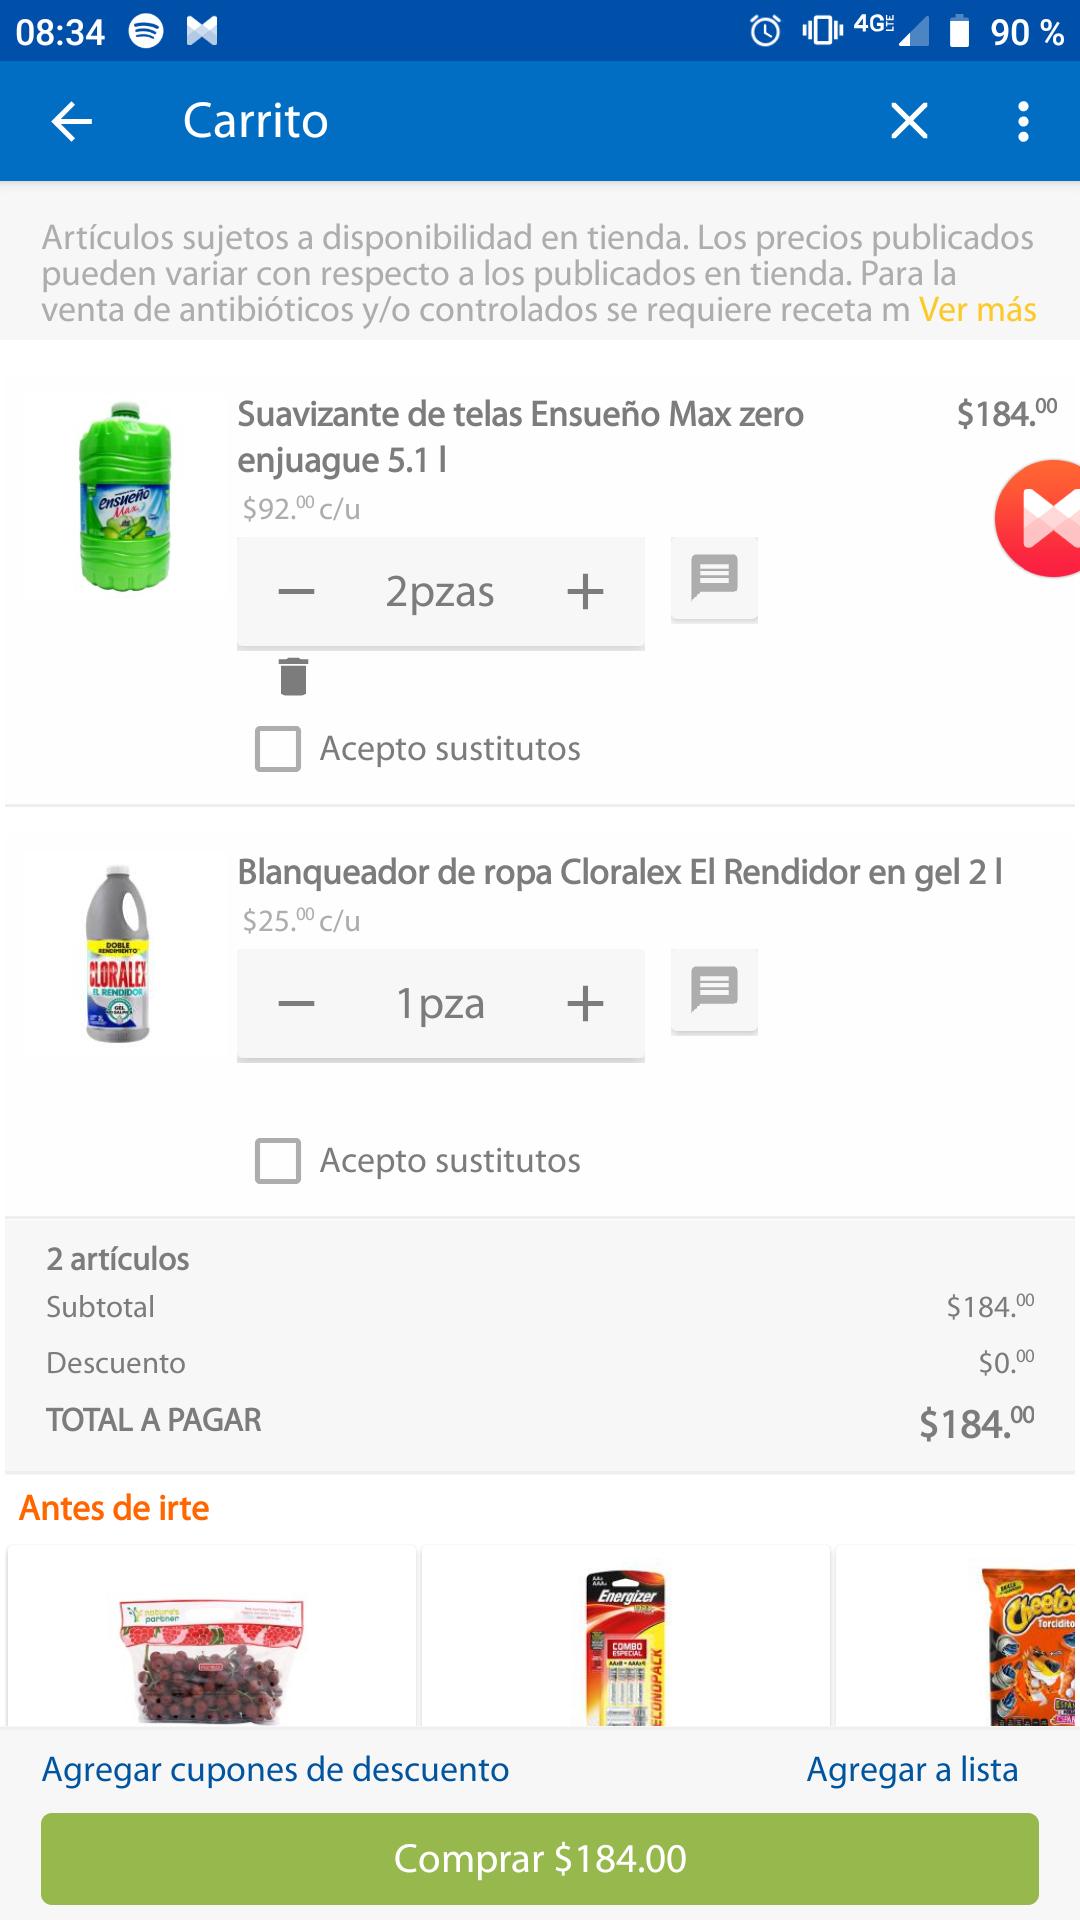 Walmart Súper: 2 suavizantes ensueño + cloralex rendidor por 184